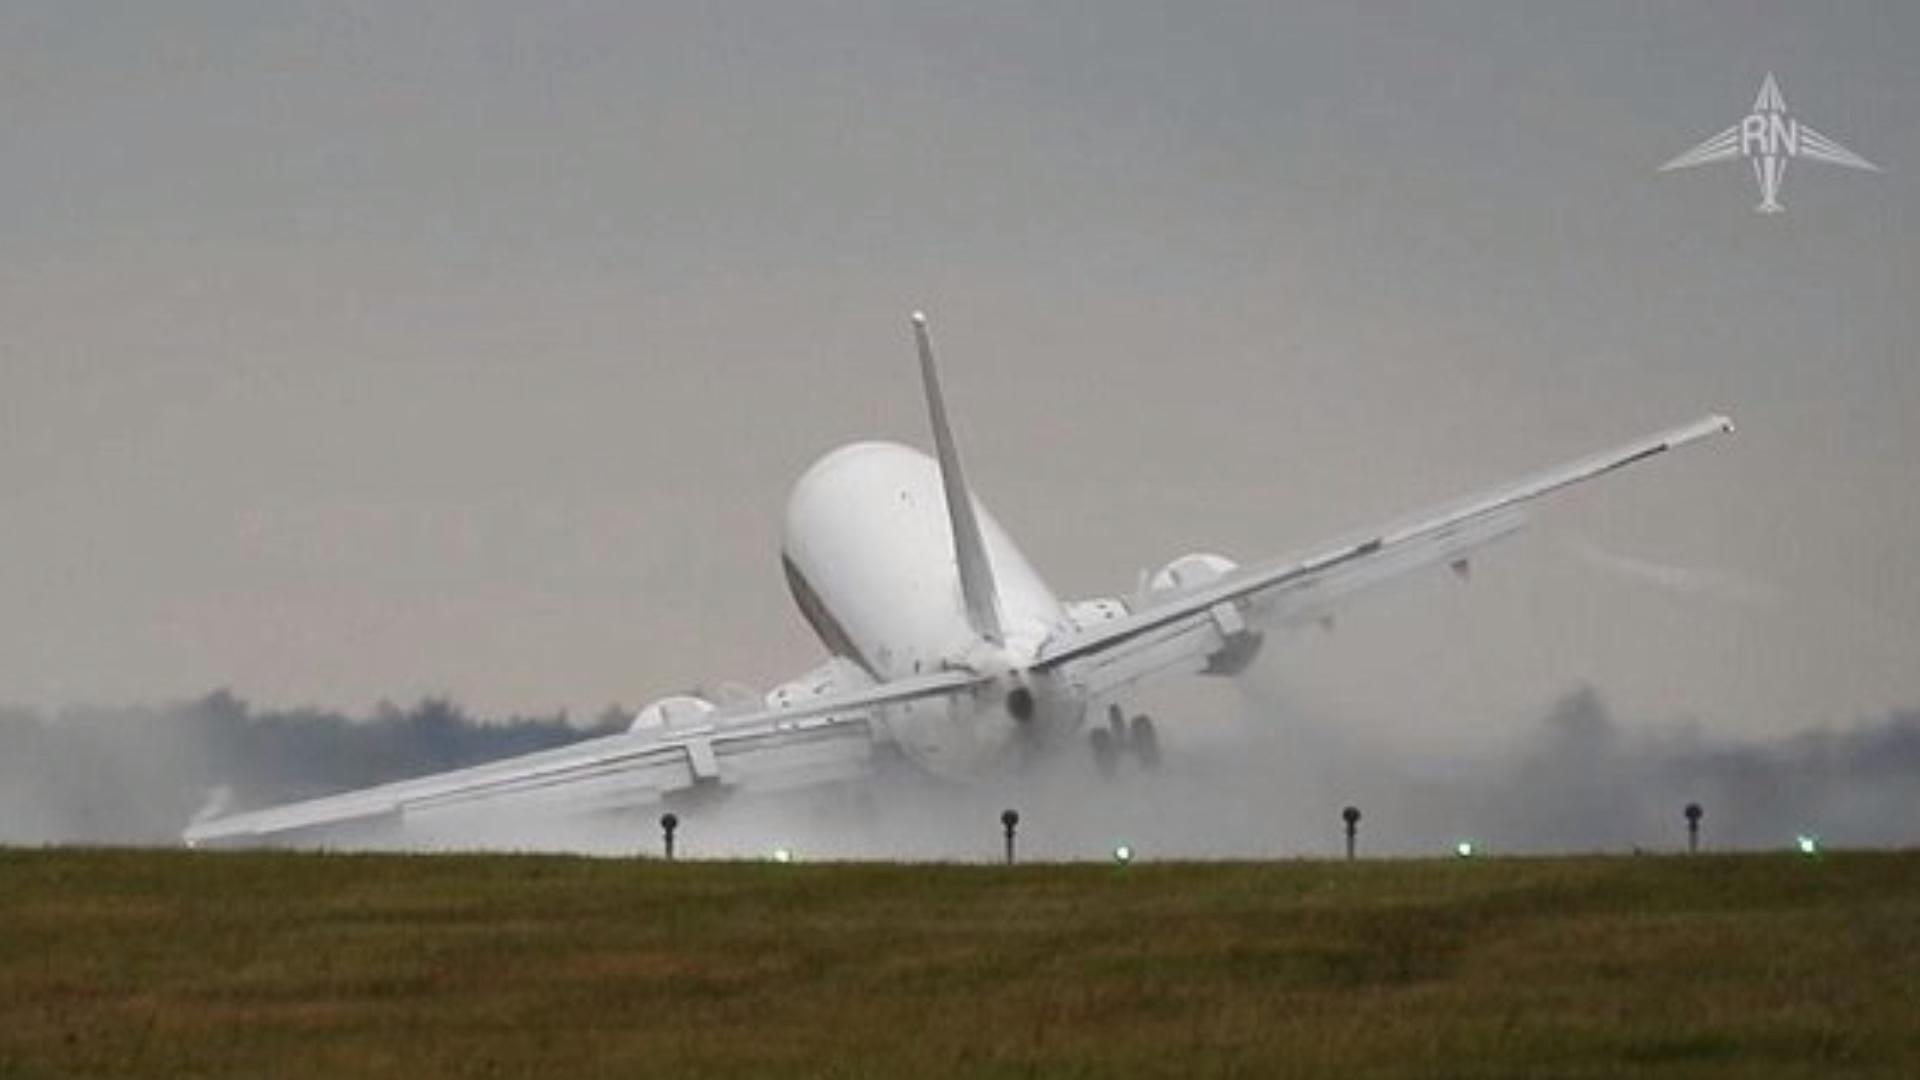 据英国《每日邮报》报道,近日,一架波音客机准备在捷克机场降落时发生了惊悚的一幕,据了解,这架客机在降落的瞬间突然遭遇了大风,造成飞机机身整个倾斜,为了防止撞机事故的发生,驾驶员立即放弃了着陆。  视频的拍摄者Radko Nasinec介绍,这架客机的型号为波音737型客机,从其拍摄的视频中可以看到,飞机在着落瞬间,整个机身发生了严重的倾斜,甚至有一边的机翼都快要接触到了跑道。  据了解,事发地位于布拉格的Vaclav Havel机场,这架波音737客机在放弃了降落之后,又摇摆着飞上了天,整个过程虽然只有短